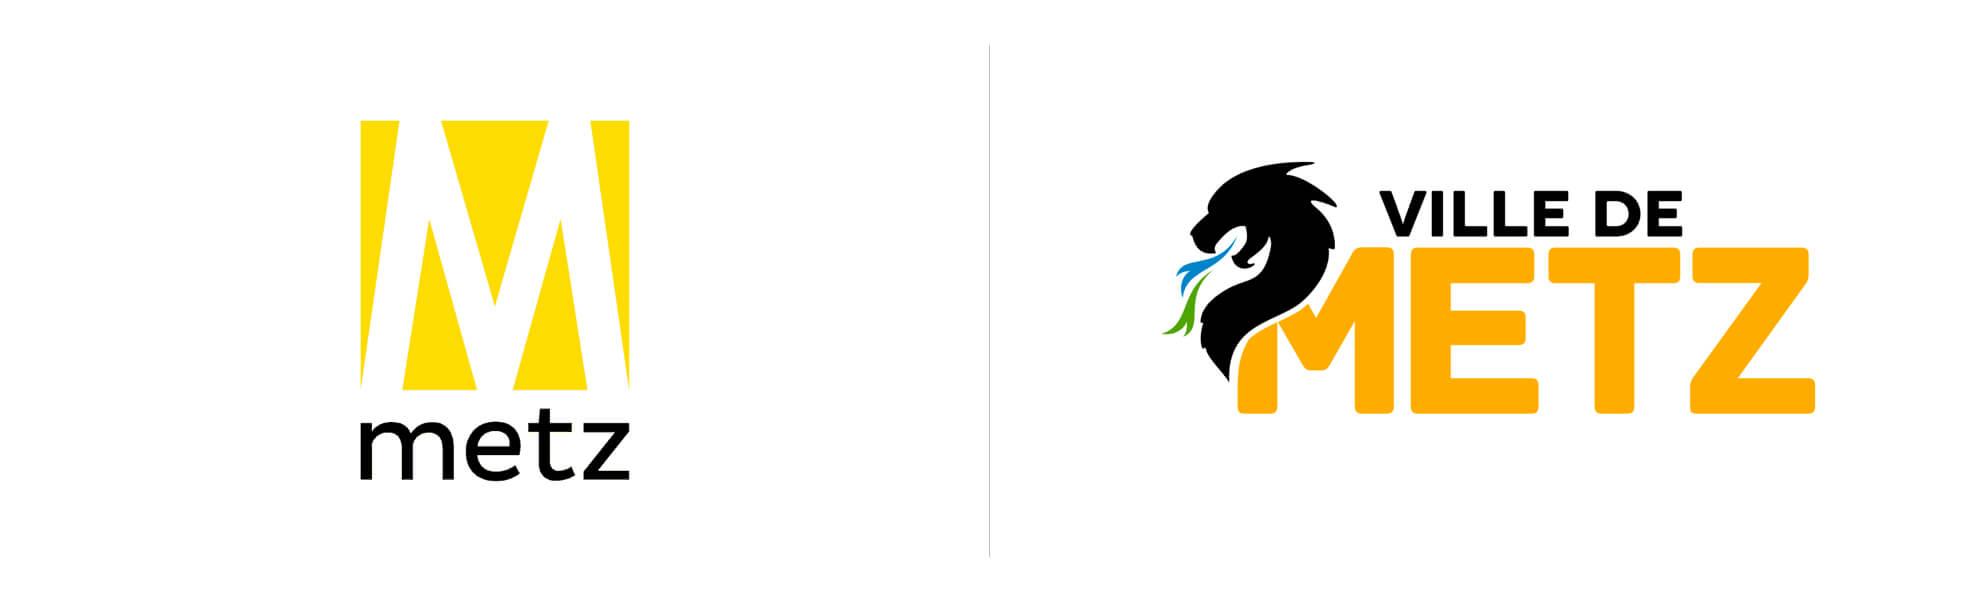 Francuskie Metz znowym logo